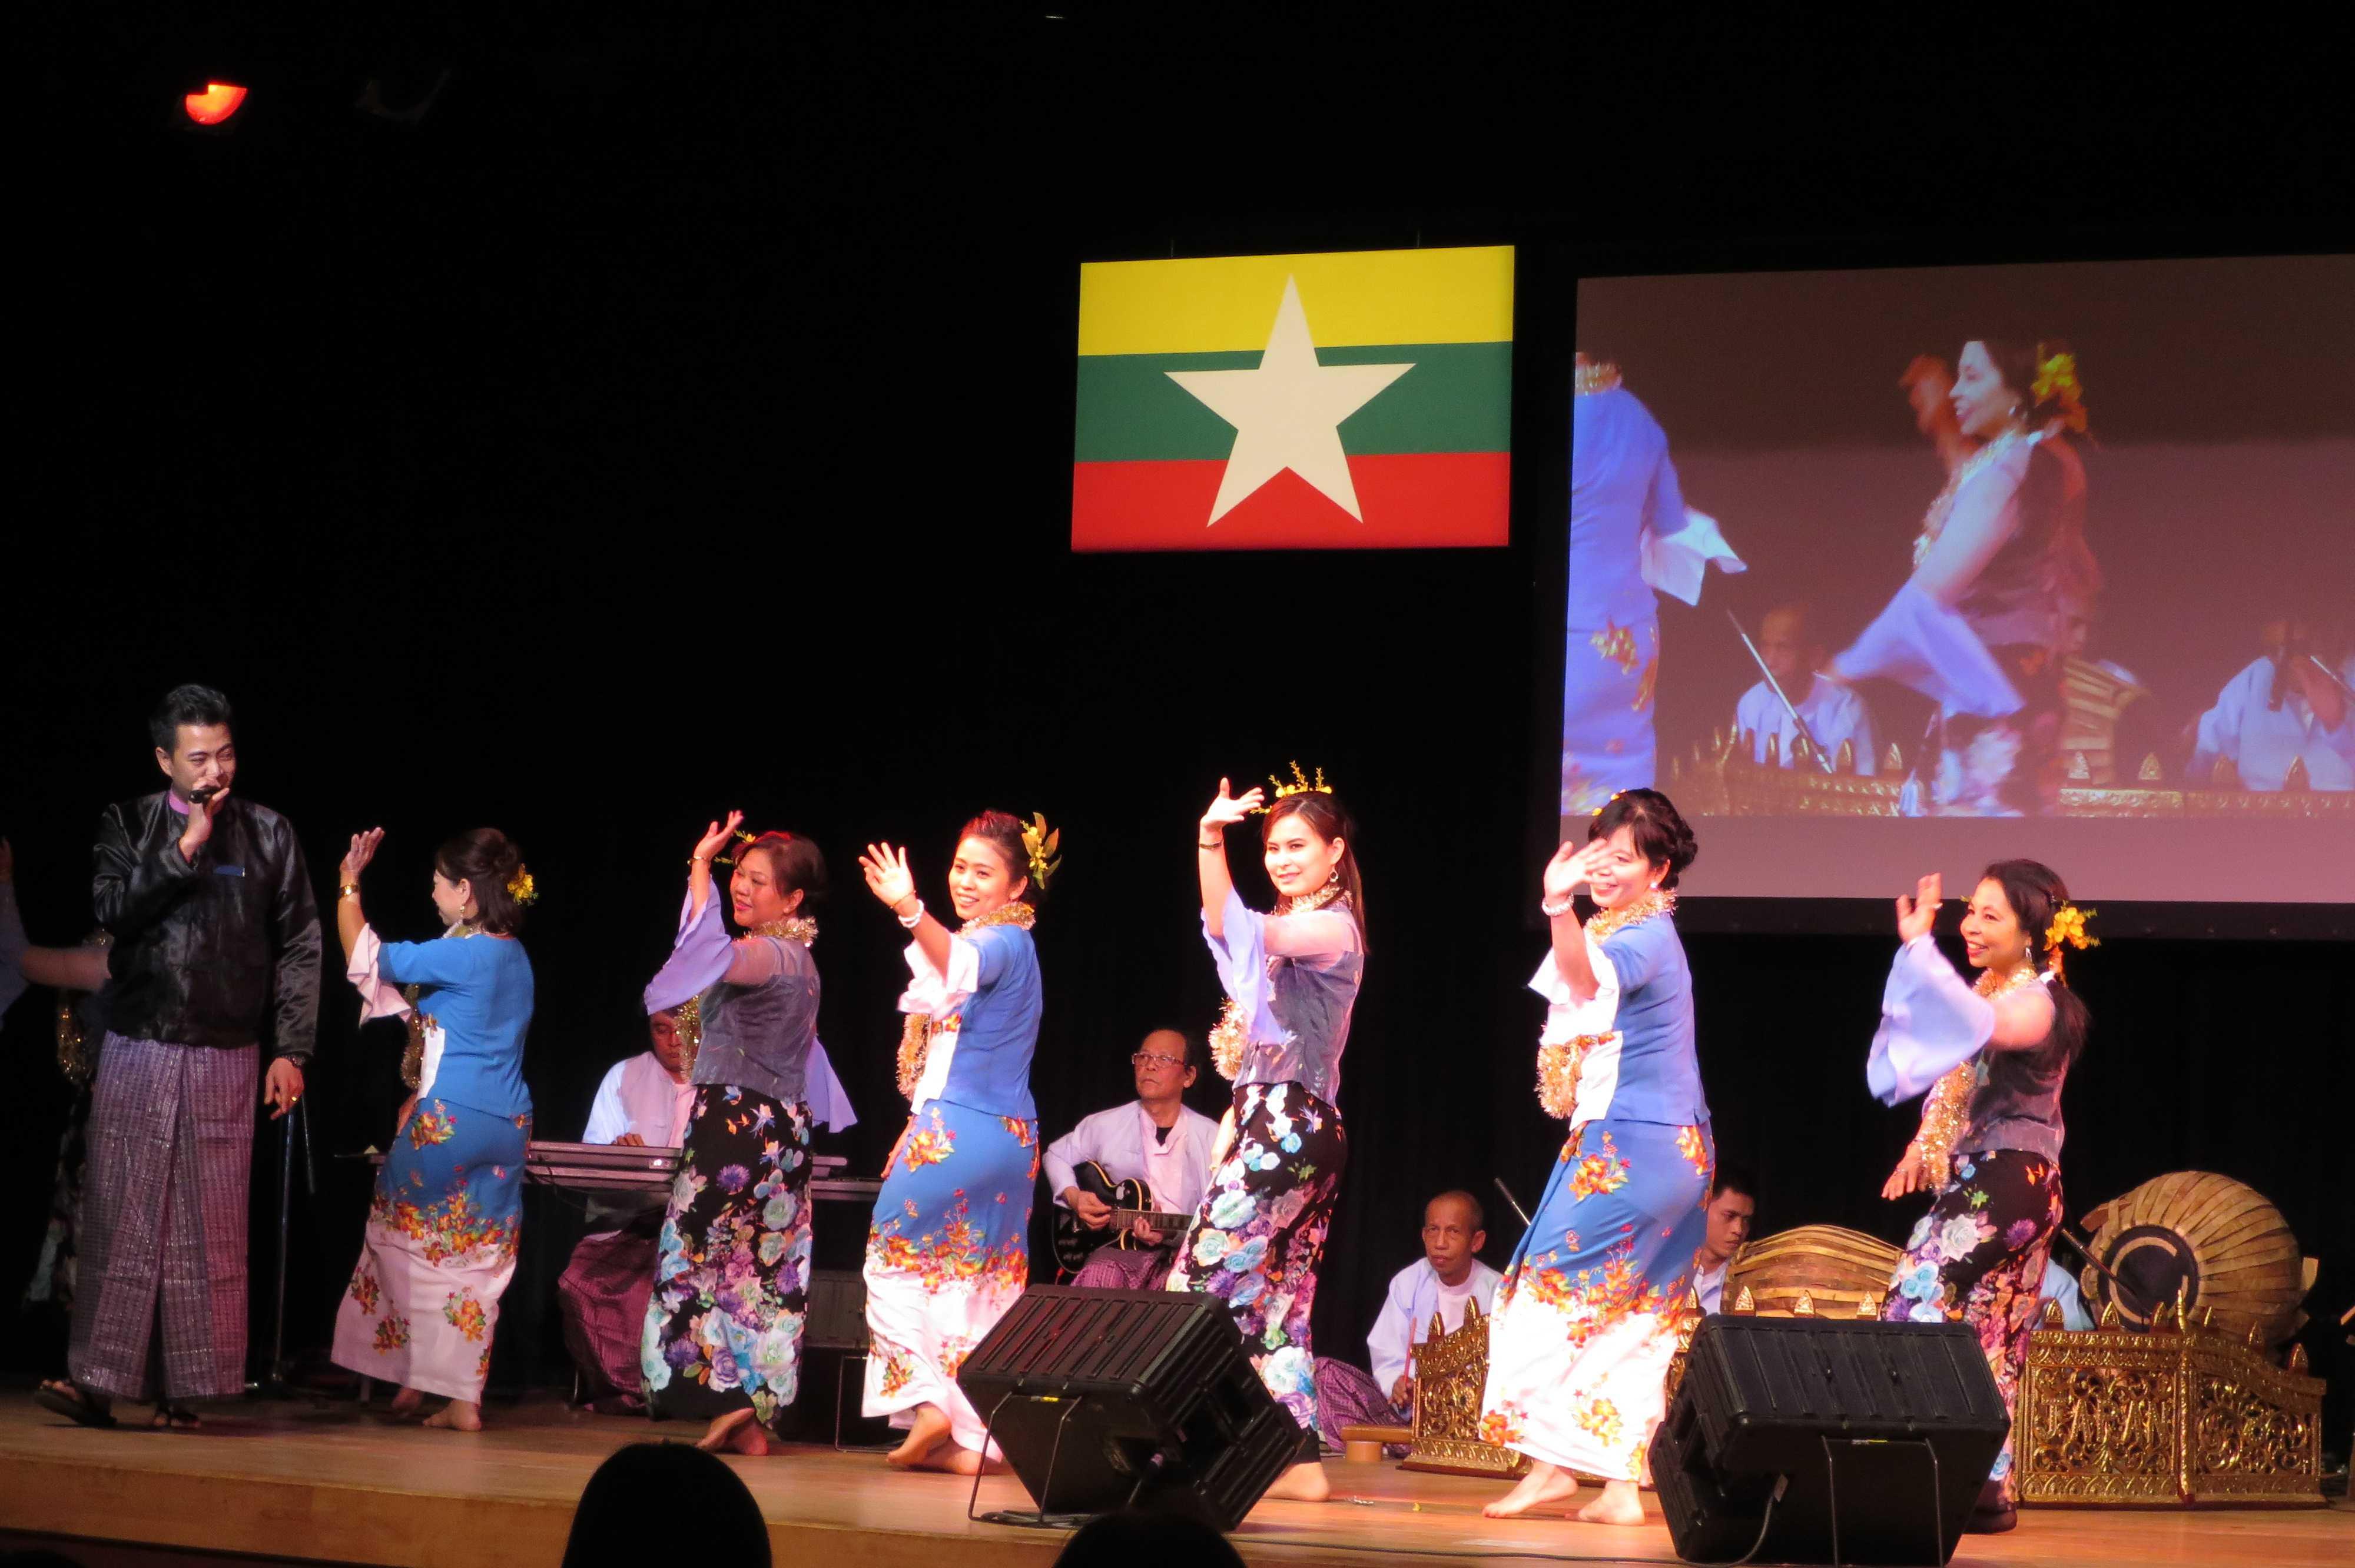 ミャンマーの民族舞踊 - ミャンマー祭り2016